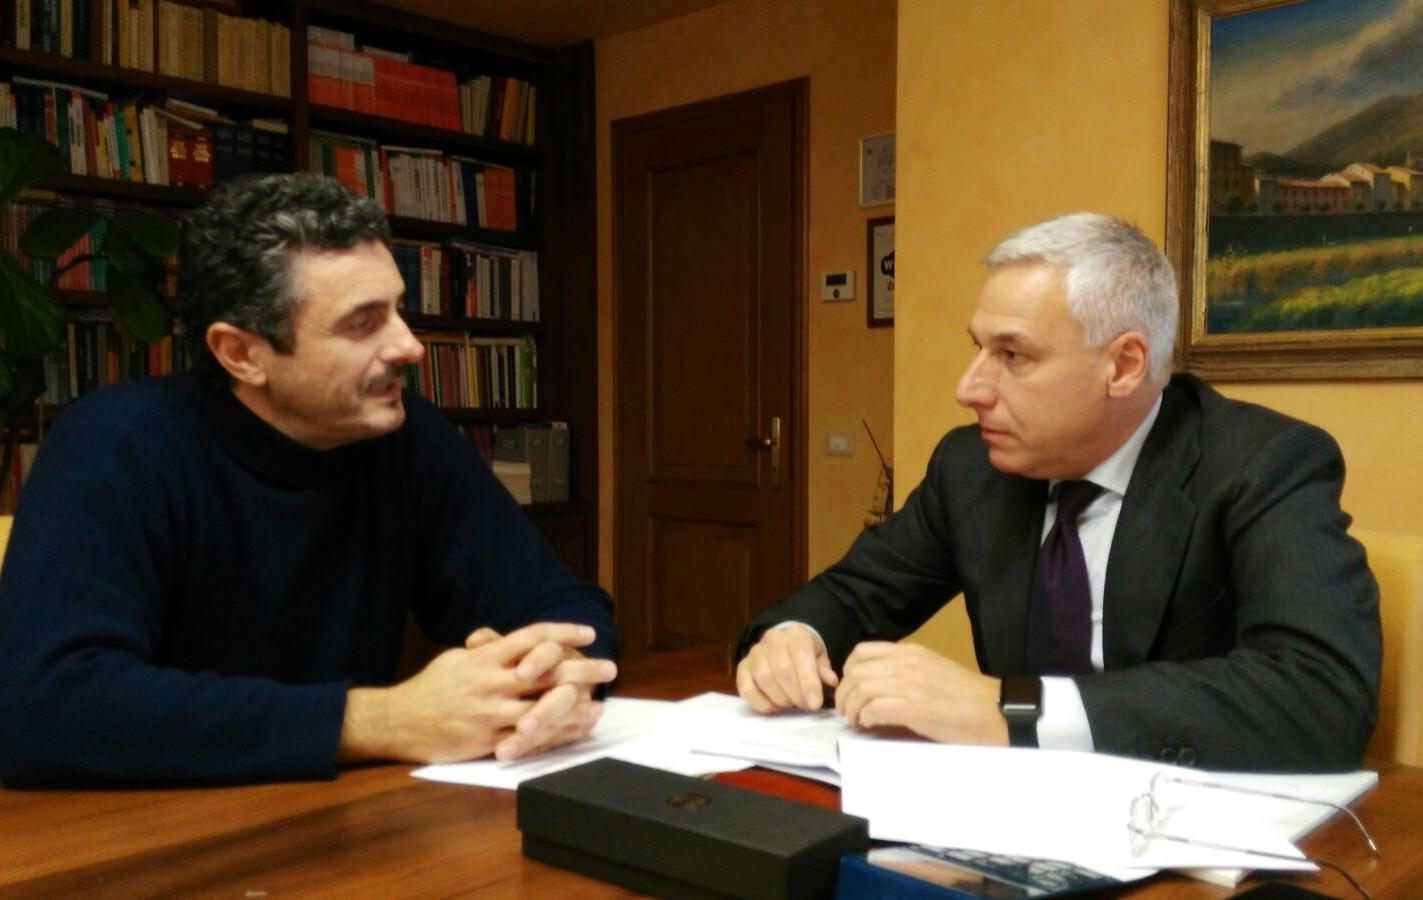 Incontro Del Ghingaro-Poletti: Prove Tecniche di Dialogo